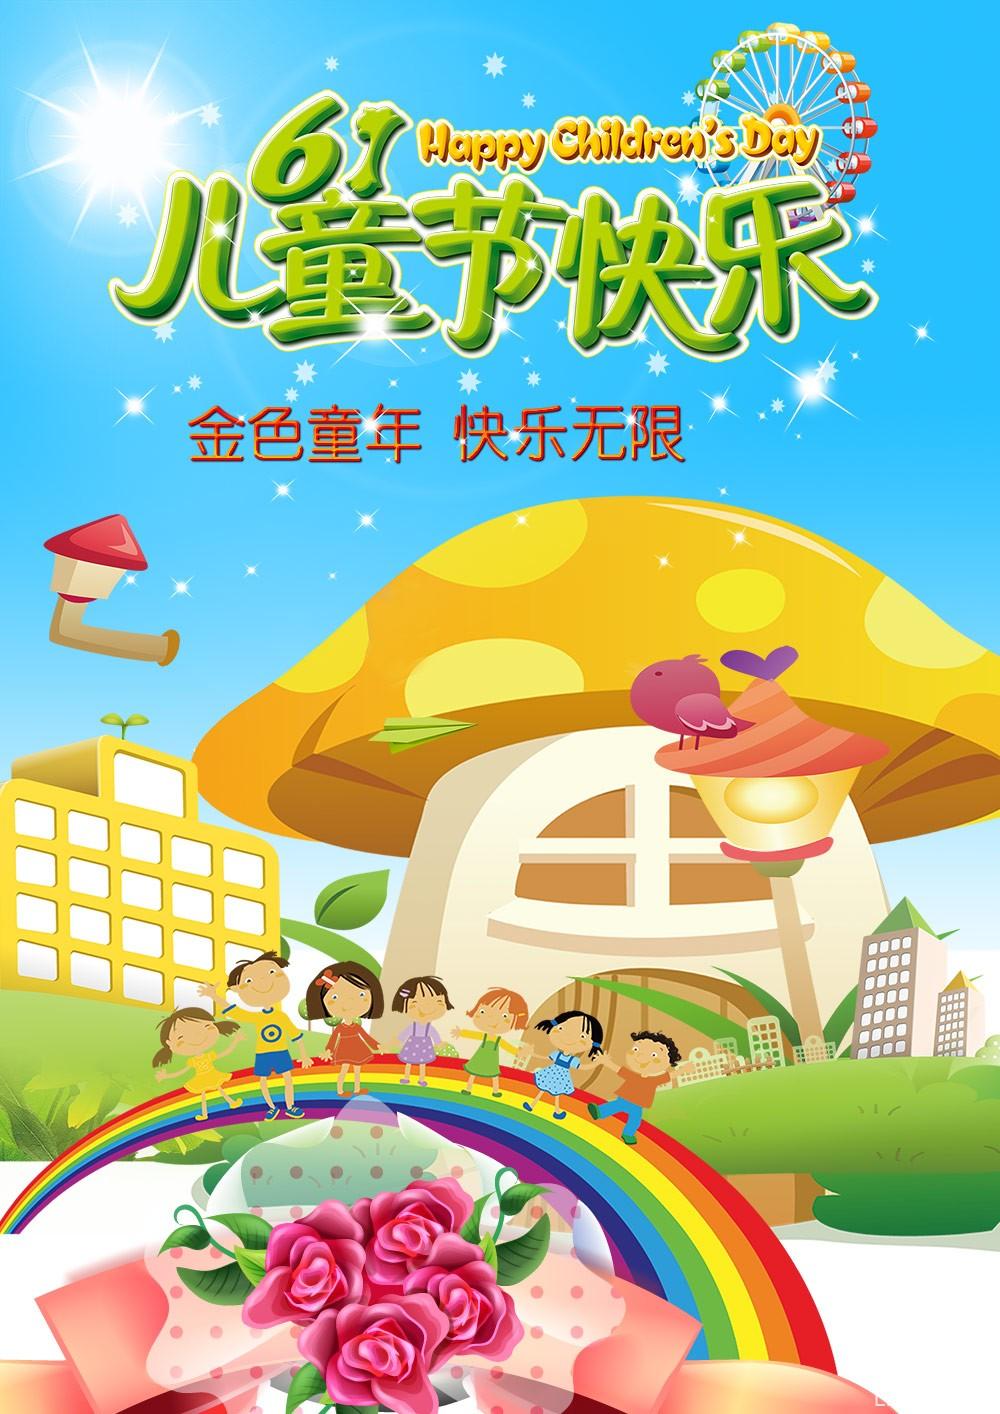 六一儿童节快乐海报免费素材设计